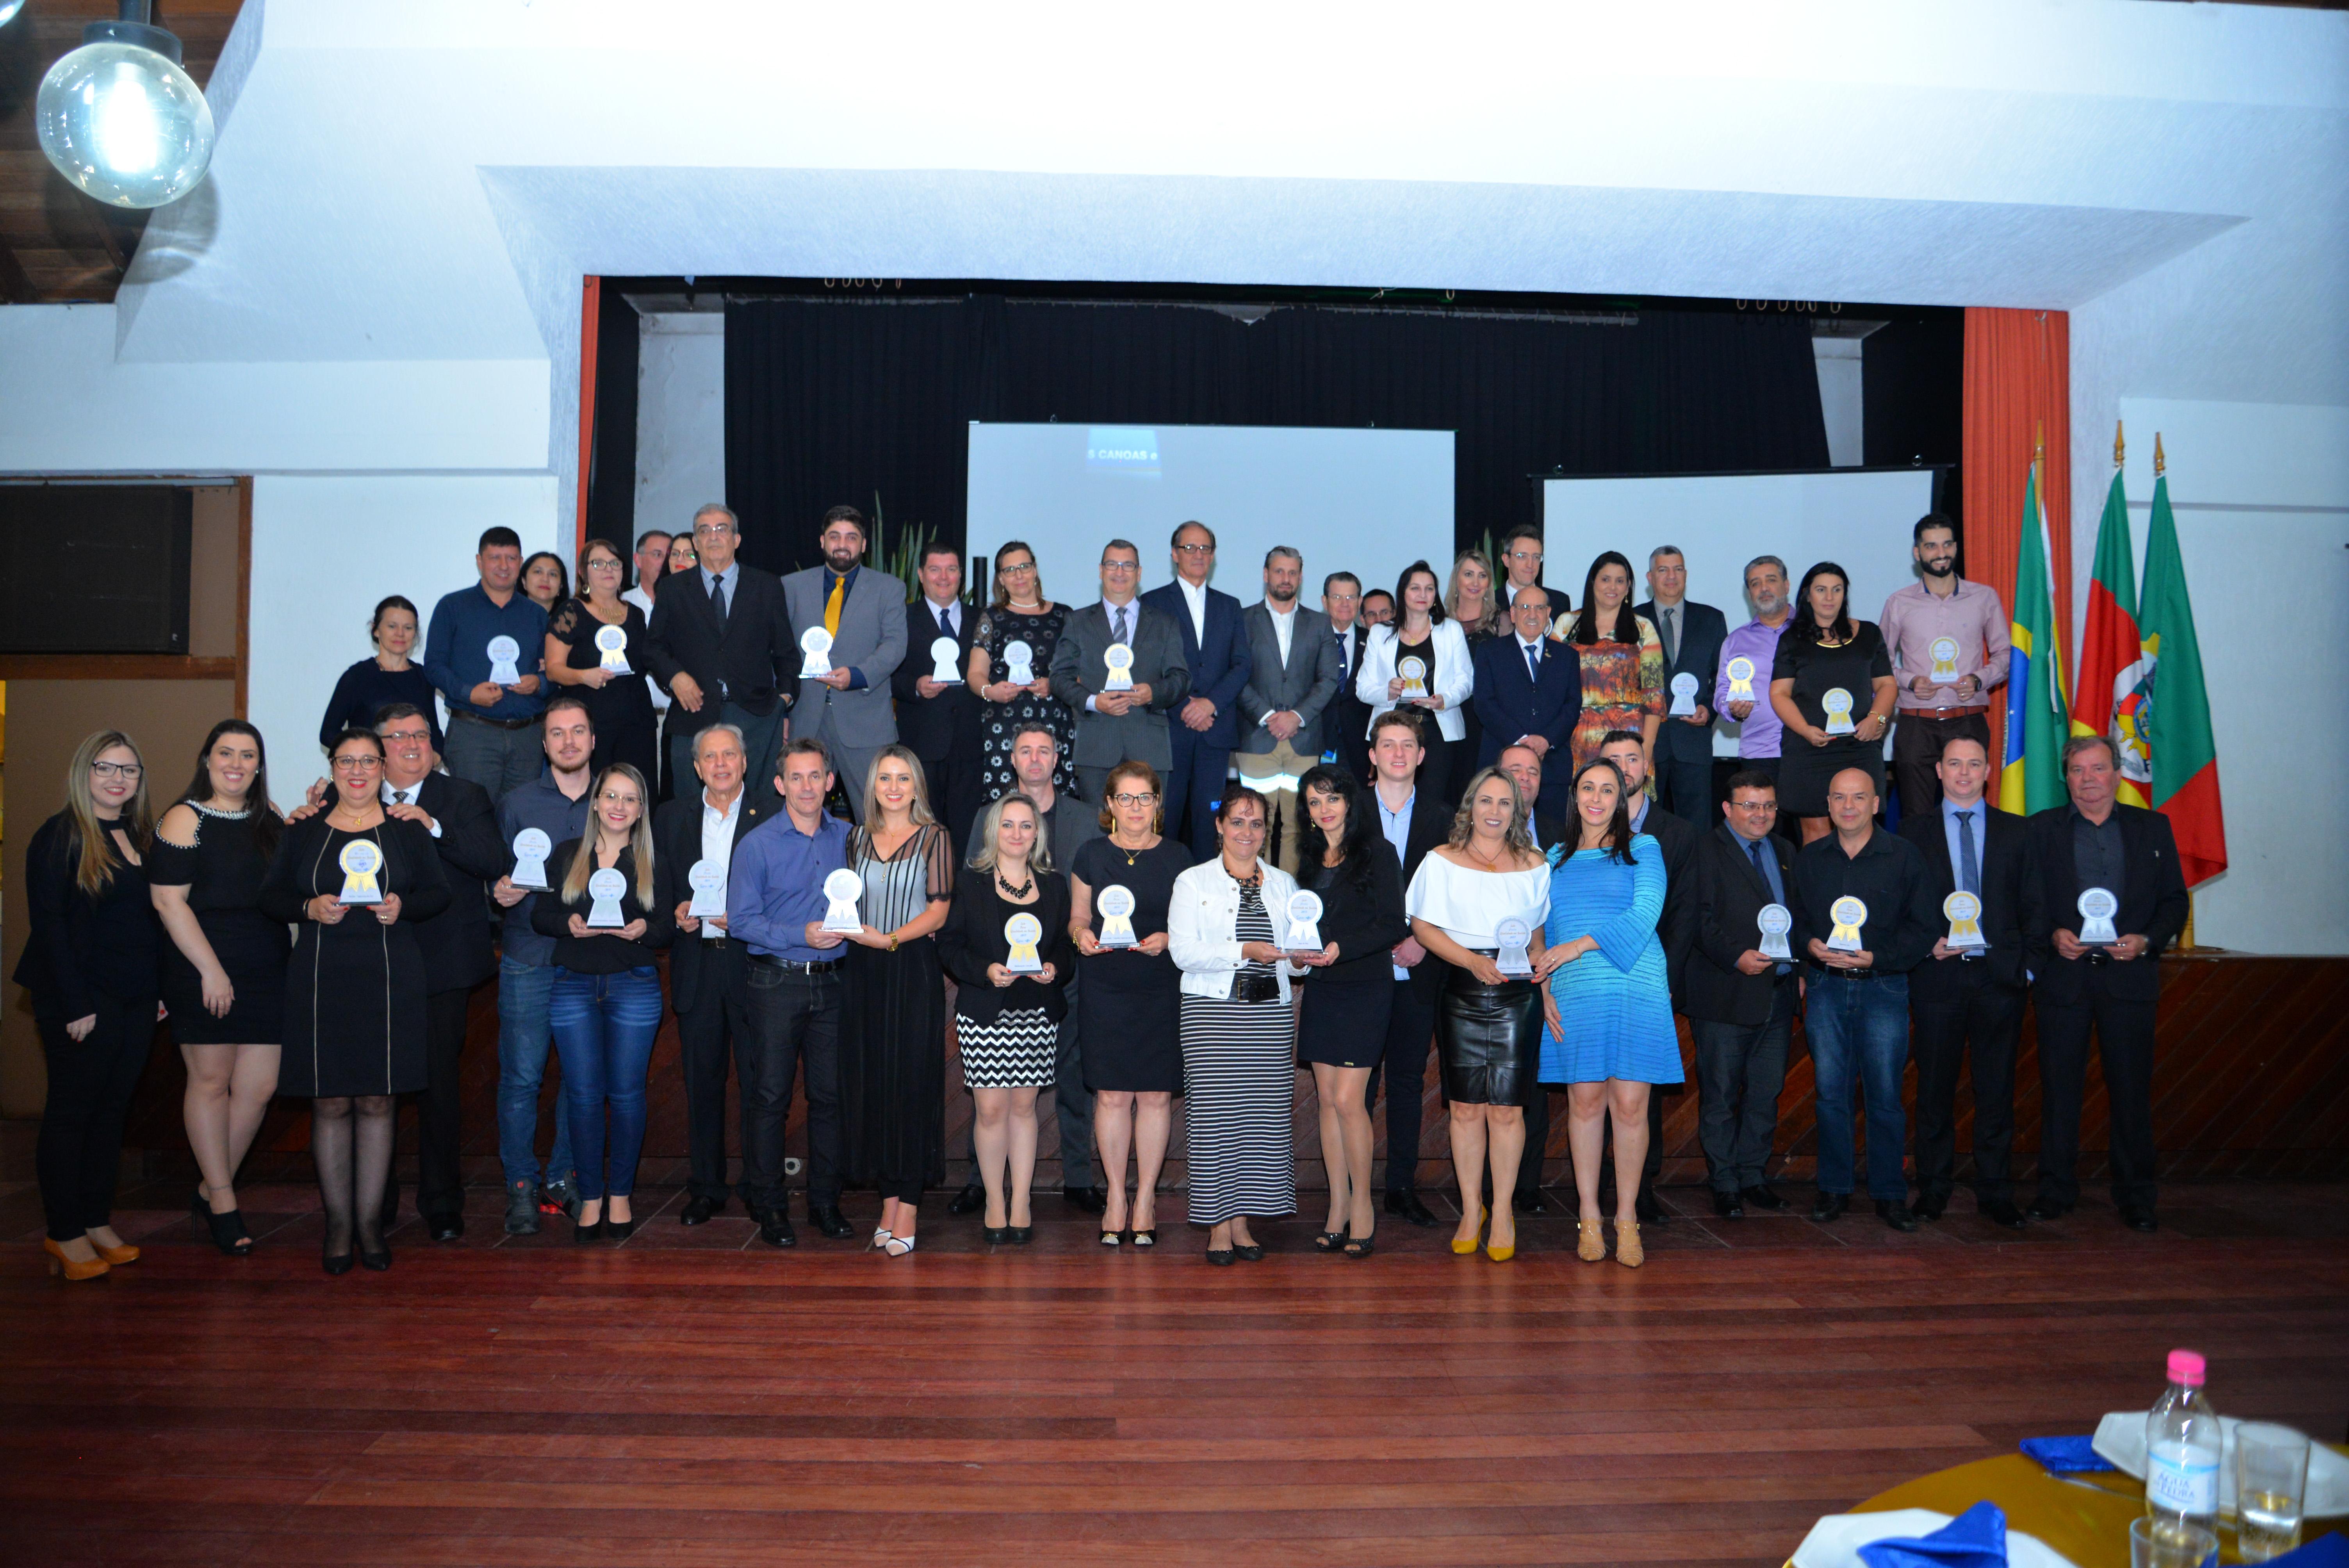 Empresas que receberam o Trofeu Selo Qualidade na Gestão 2017